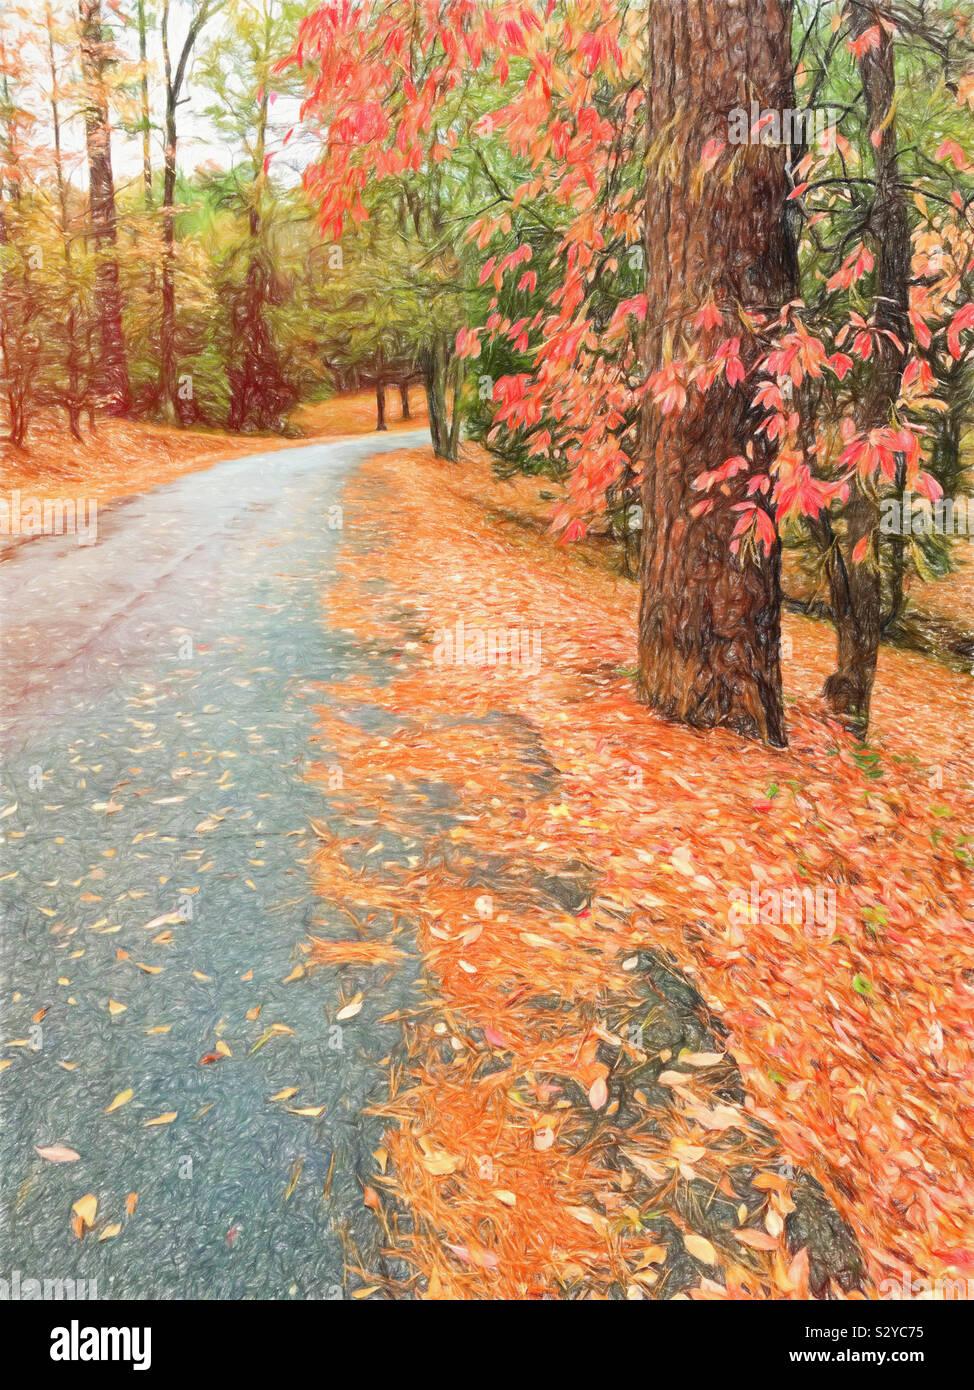 La stagione autunnale e le foglie cambiano colore lungo un lastricato sentiero escursionistico a Flat Rock Park in Columbus Georgia USA. Foto Stock